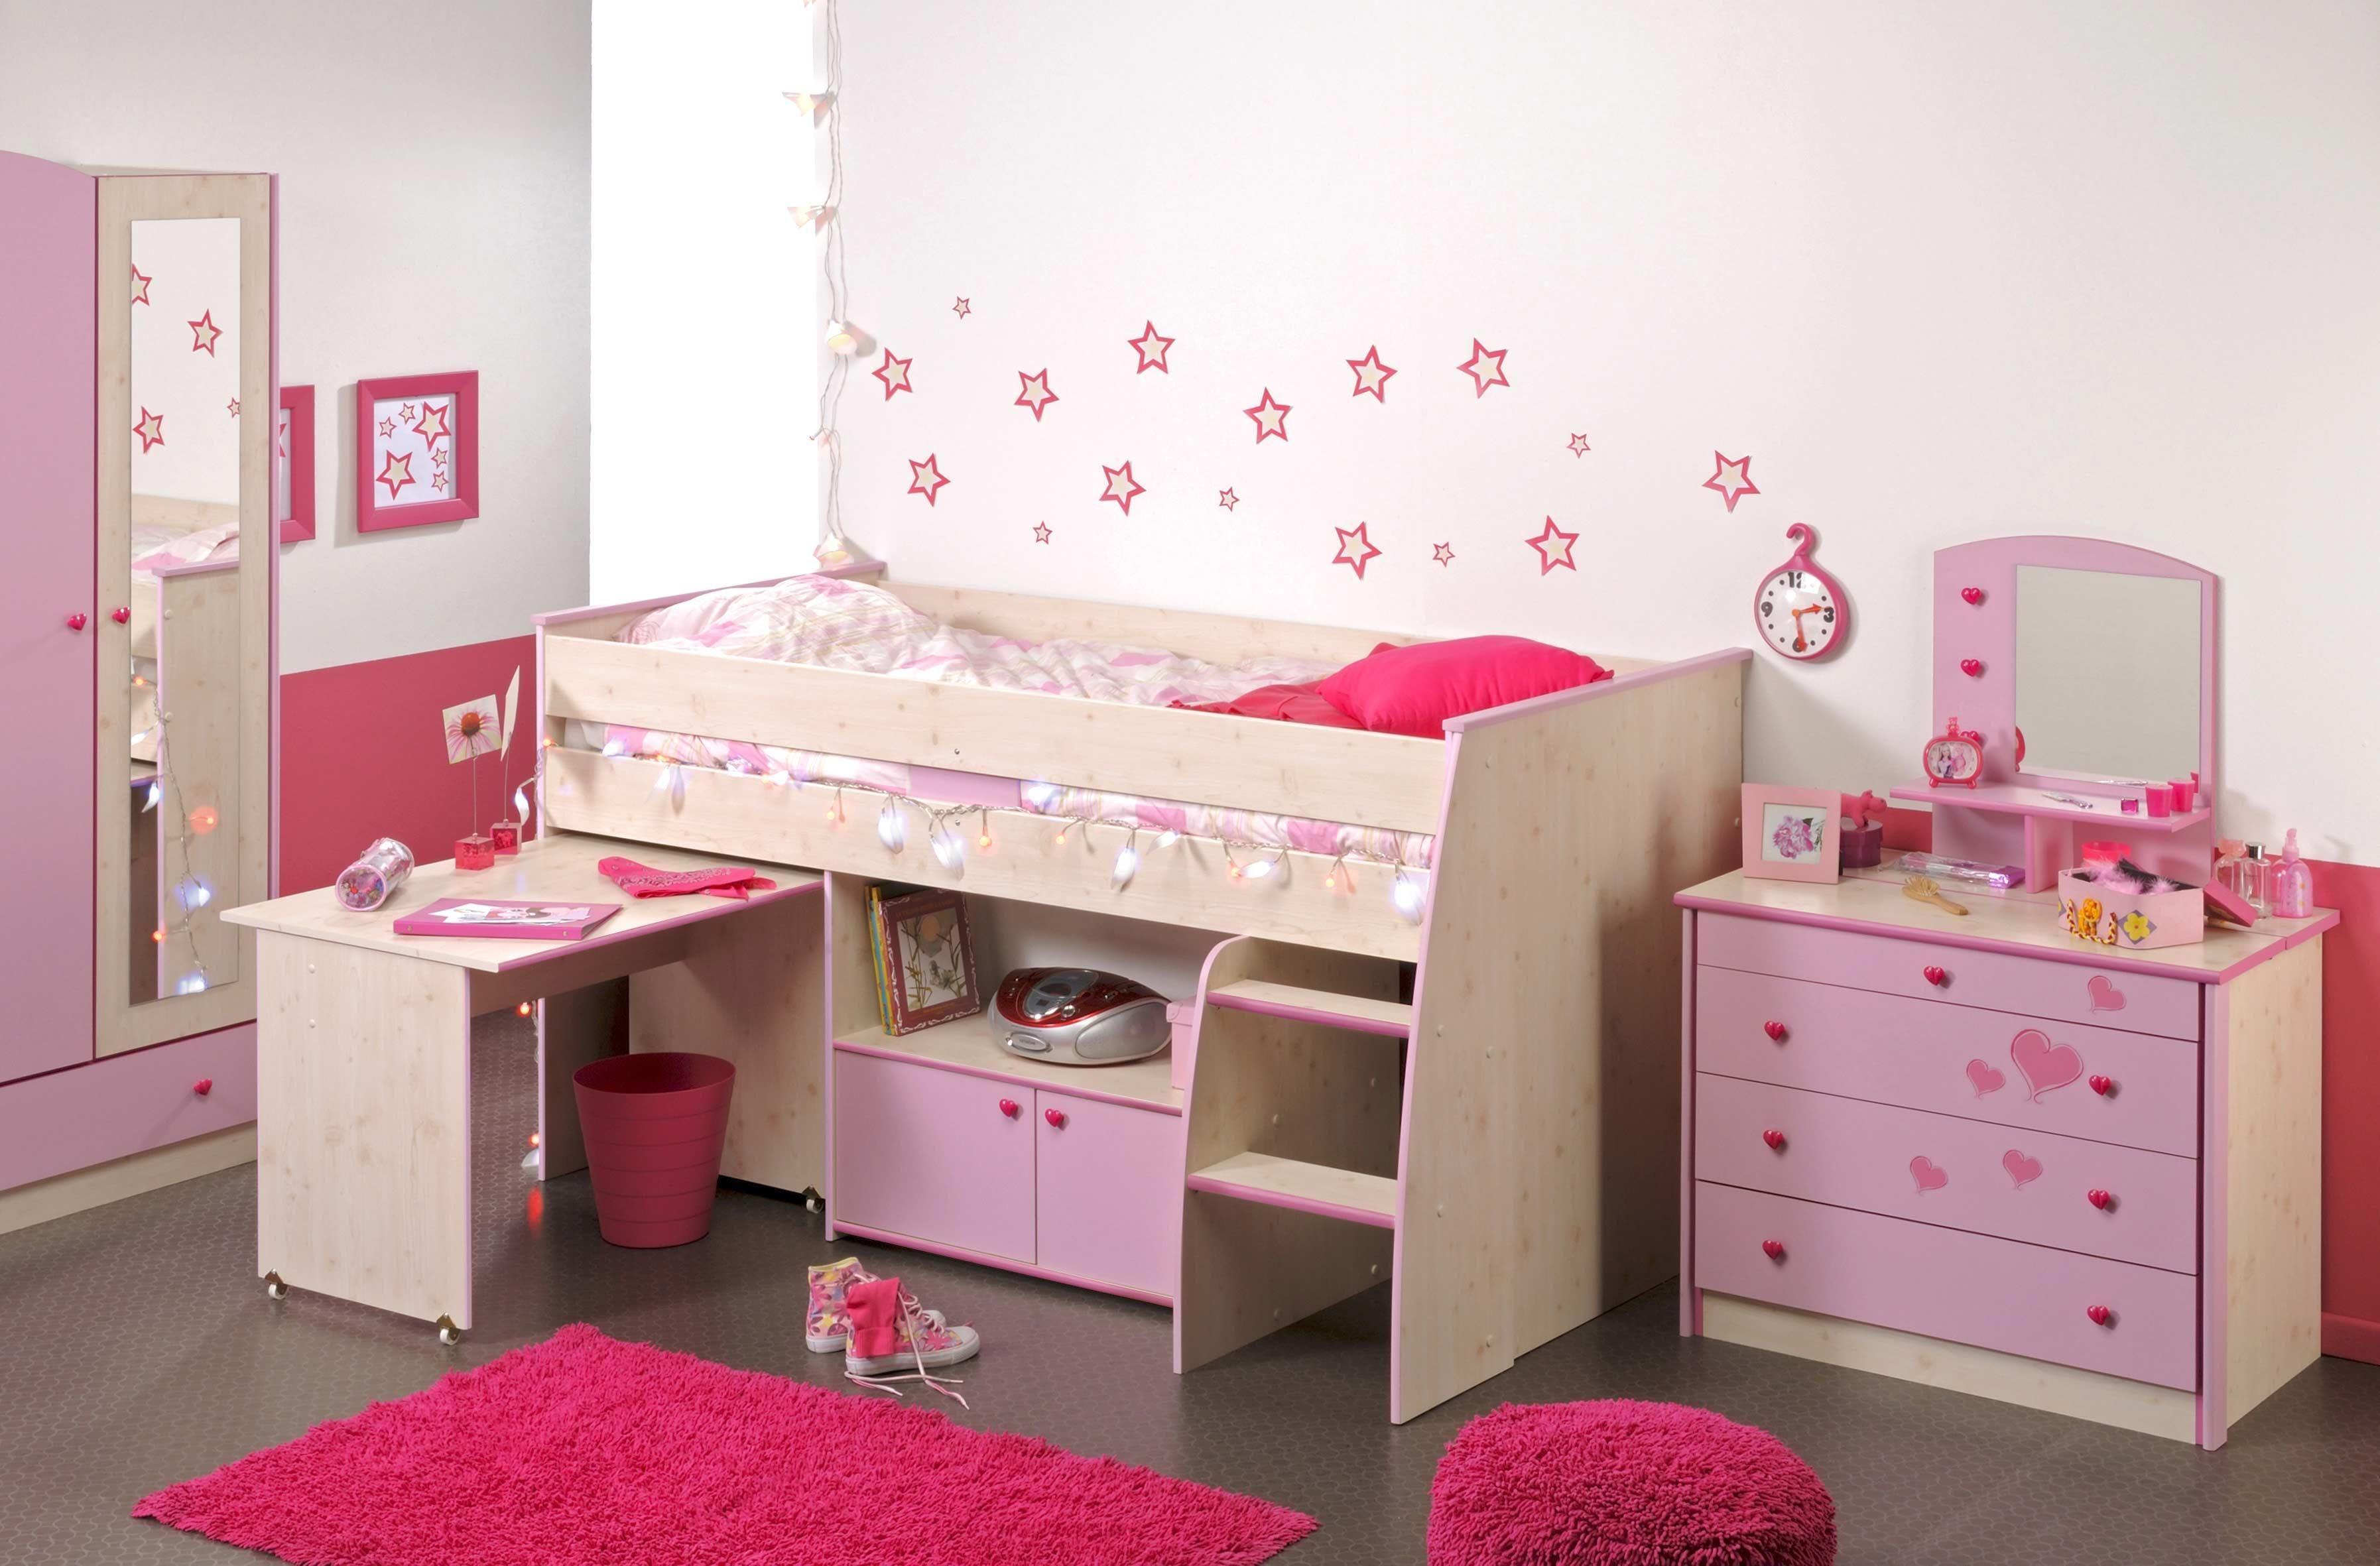 Lit Princesse Pas Cher Agréable Dormitor Copii Zoe 2 Mobila Mobila Copii